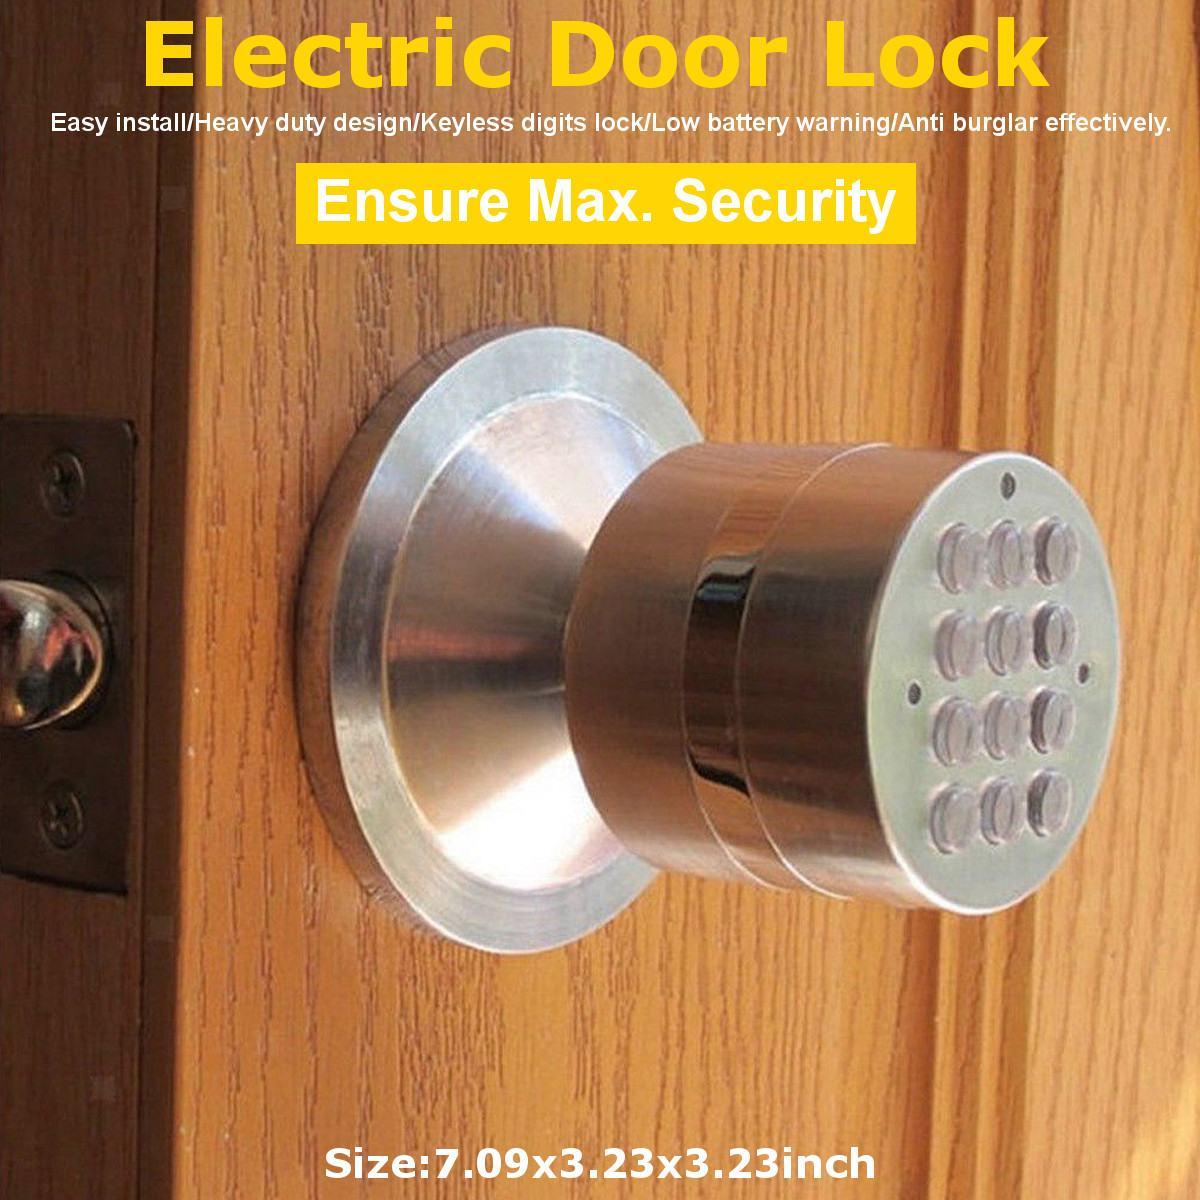 Electronic Door Lock,Smart Bluetooth Digital APP Keypad Code Keyless Door Lock,Password Keyless Door Lock ElectronicElectronic Door Lock,Smart Bluetooth Digital APP Keypad Code Keyless Door Lock,Password Keyless Door Lock Electronic